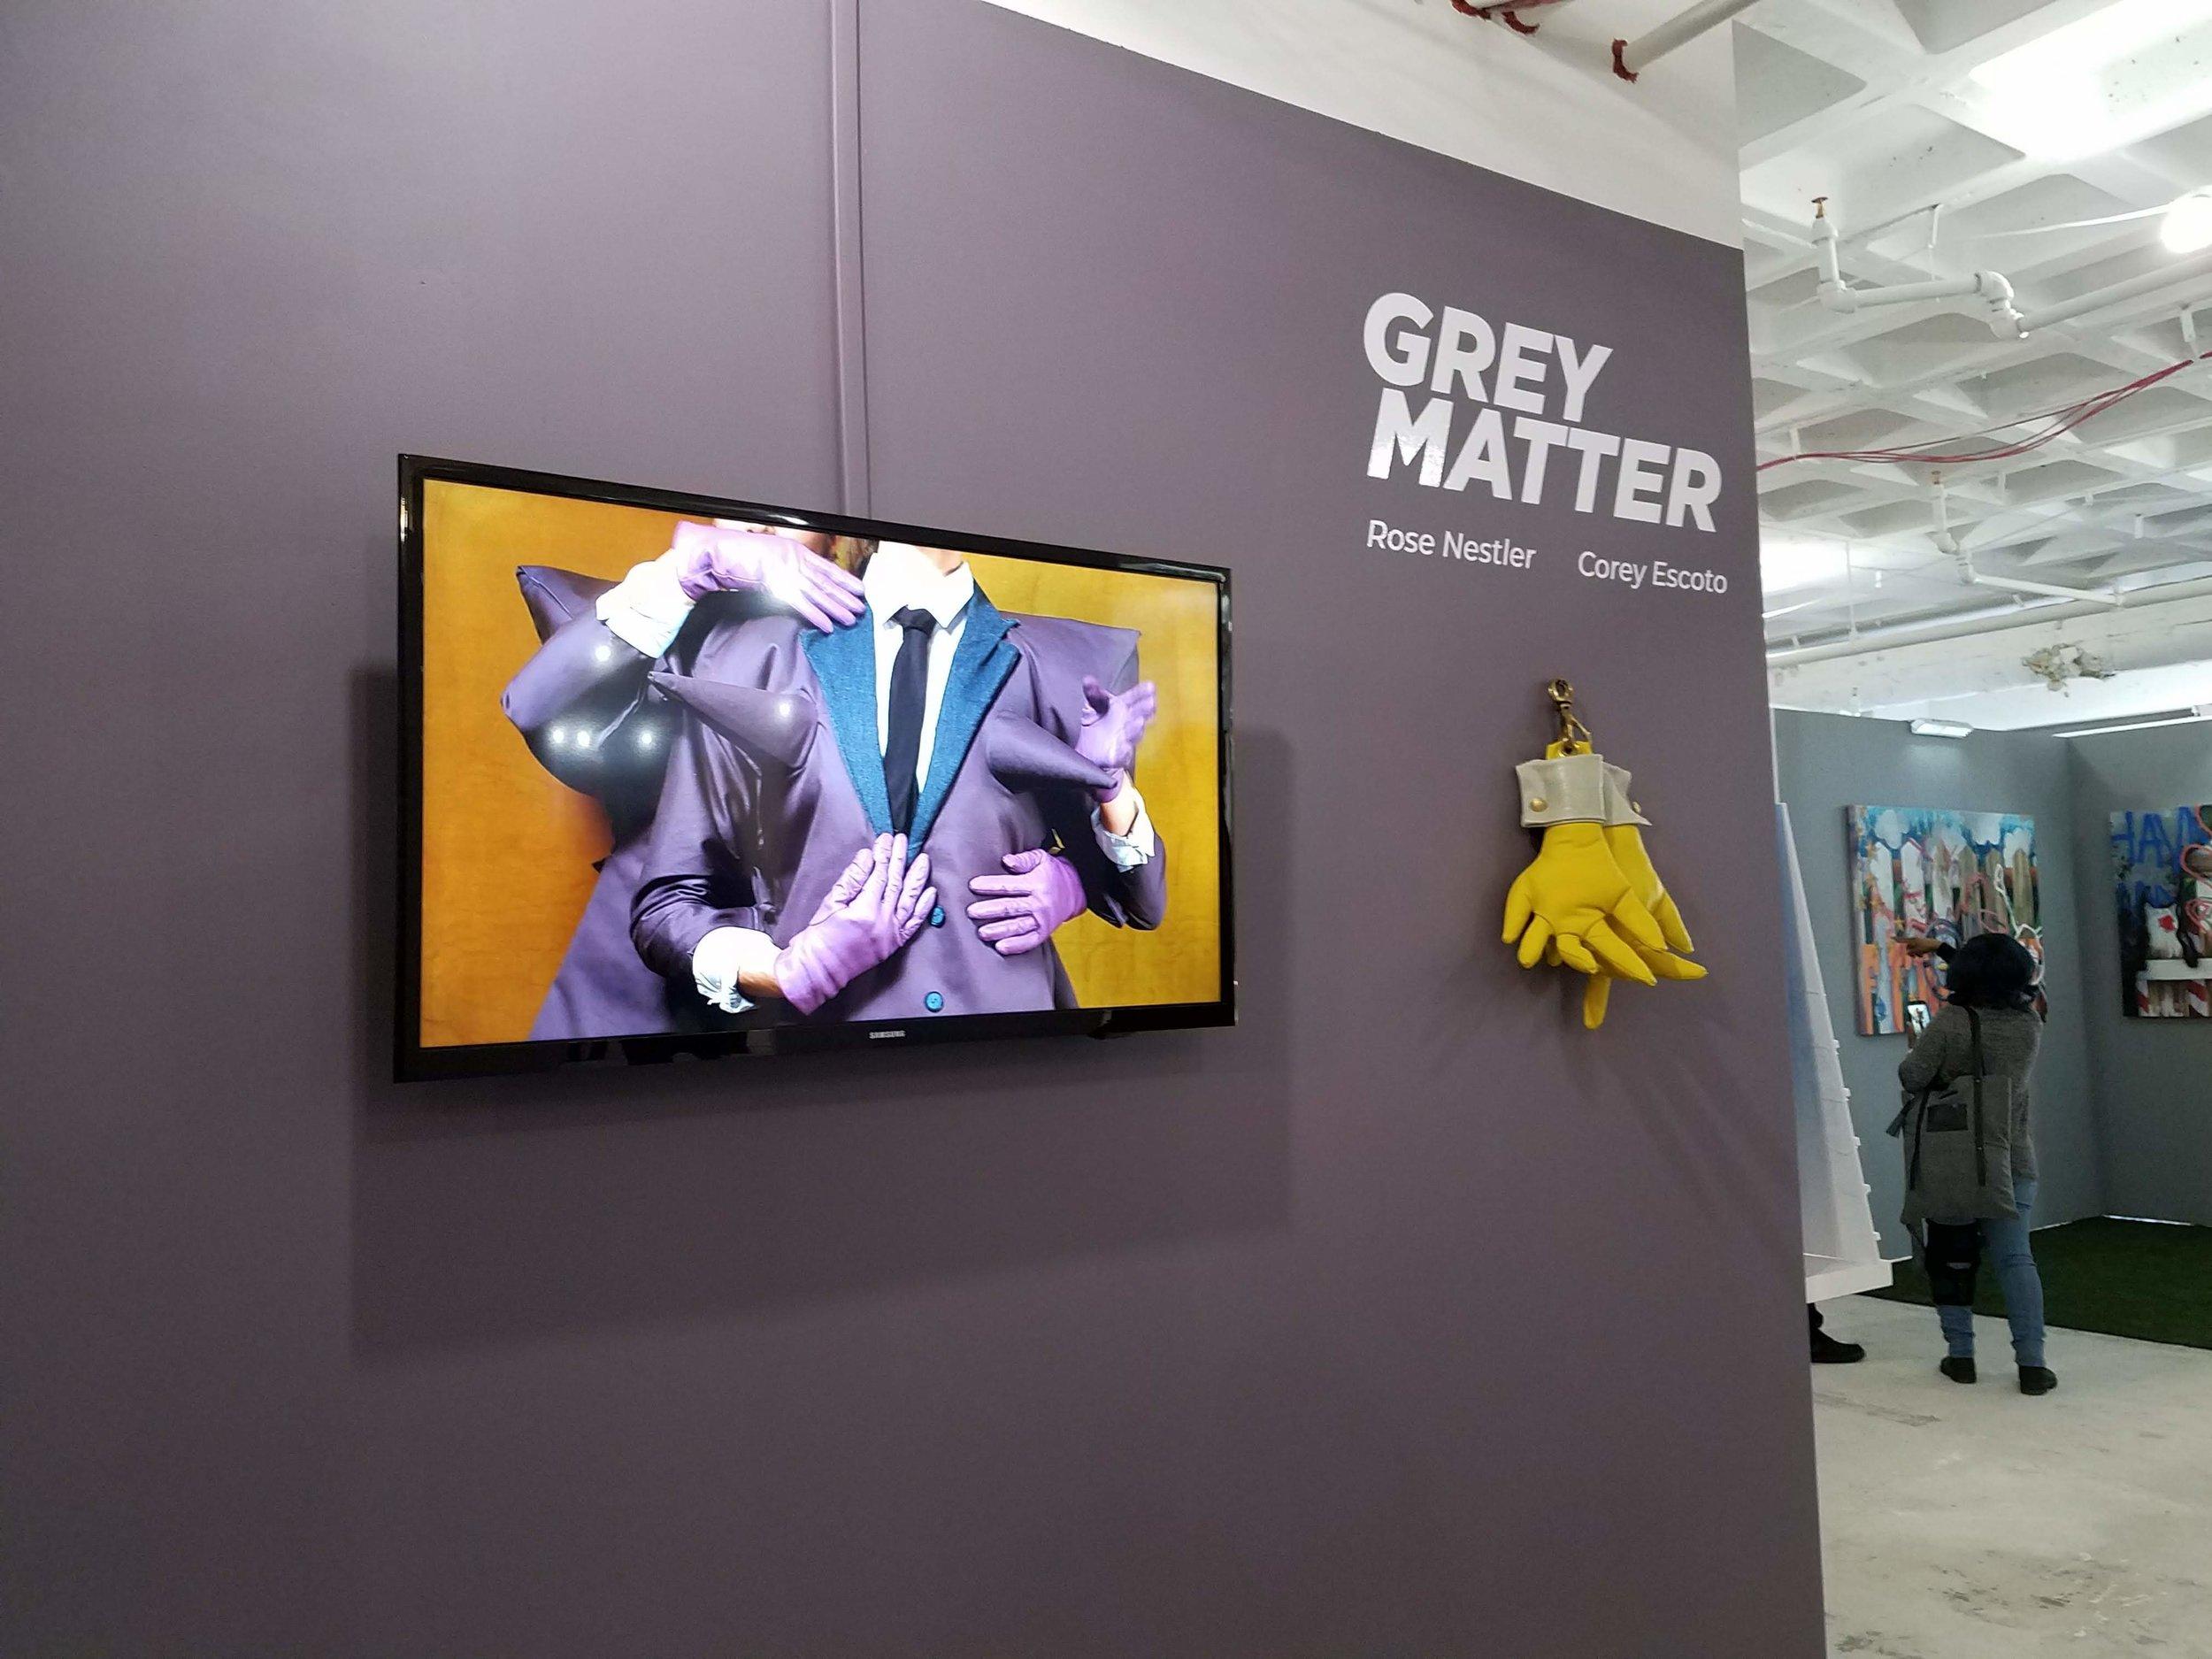 Grey Matter, Rose Nestler & Corey Escoto